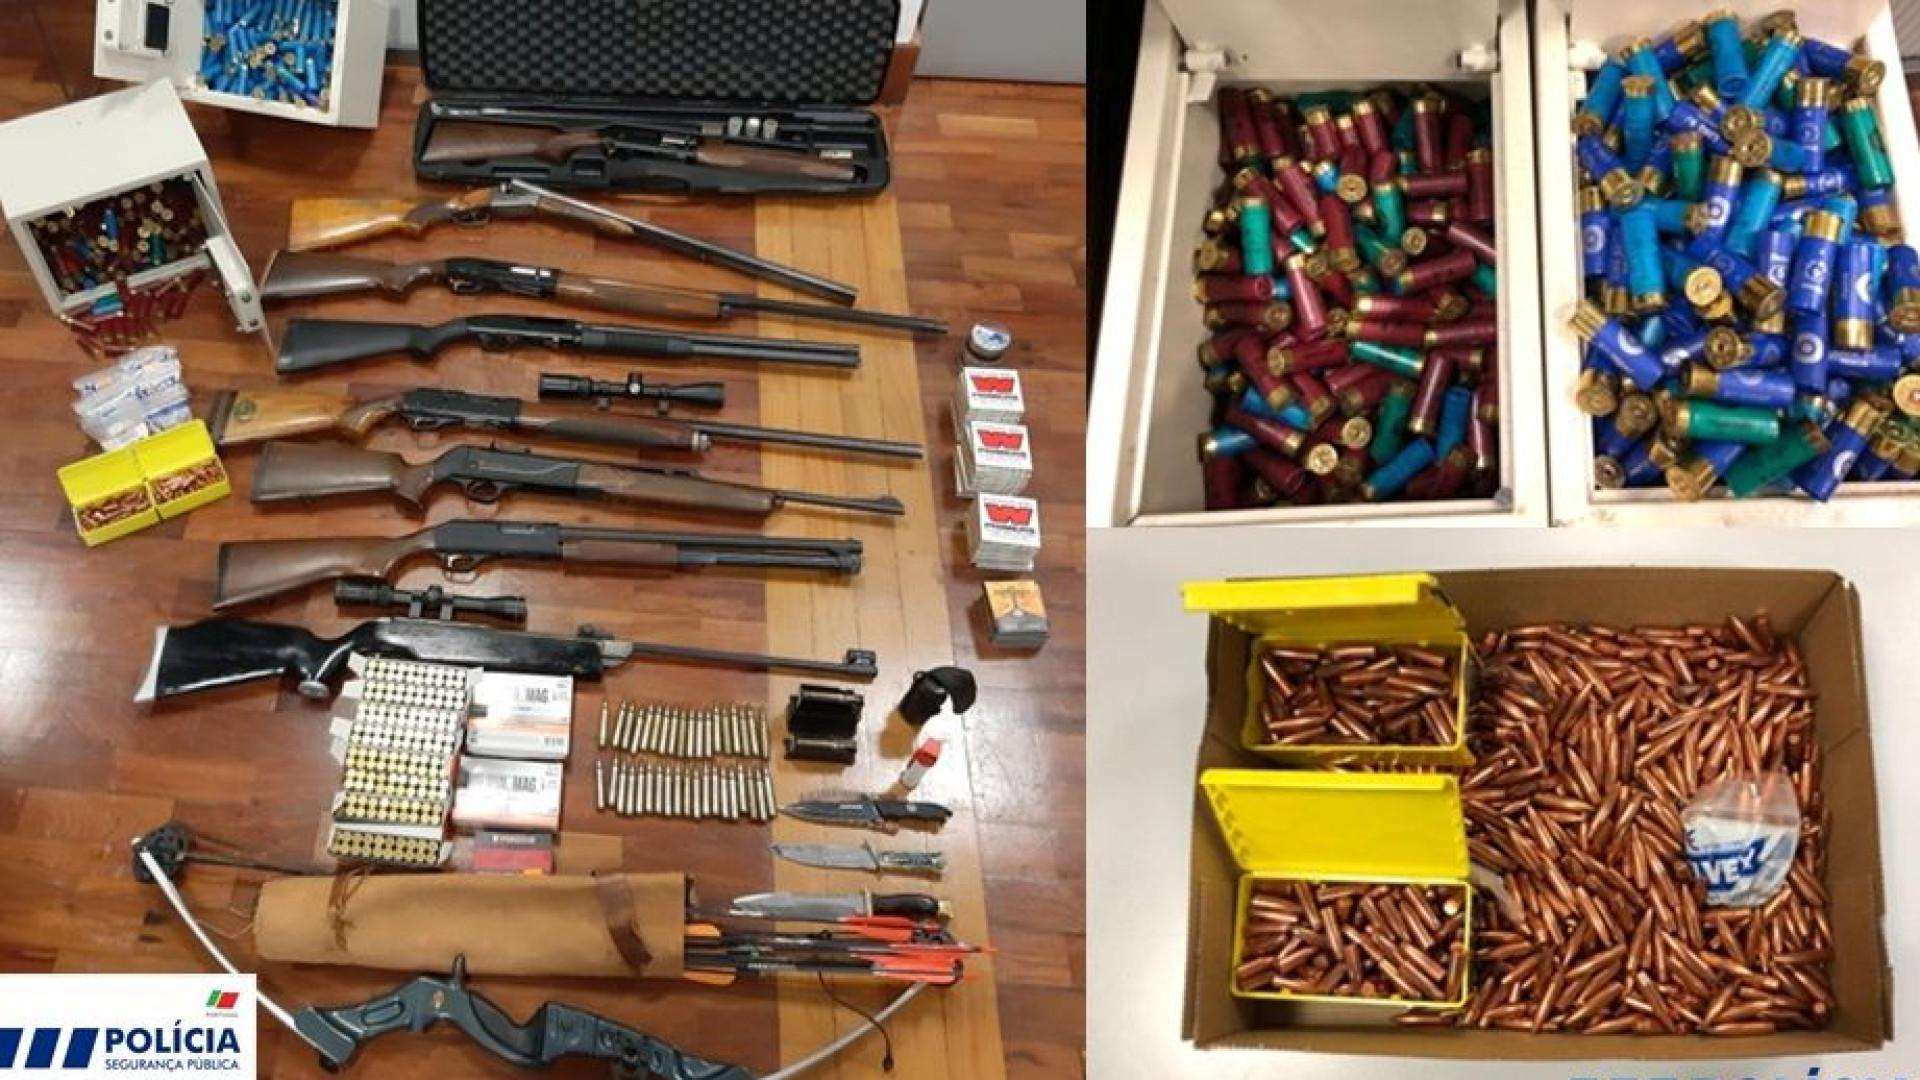 Suspeito de violência doméstica tinha arsenal, incluindo arco e flechas